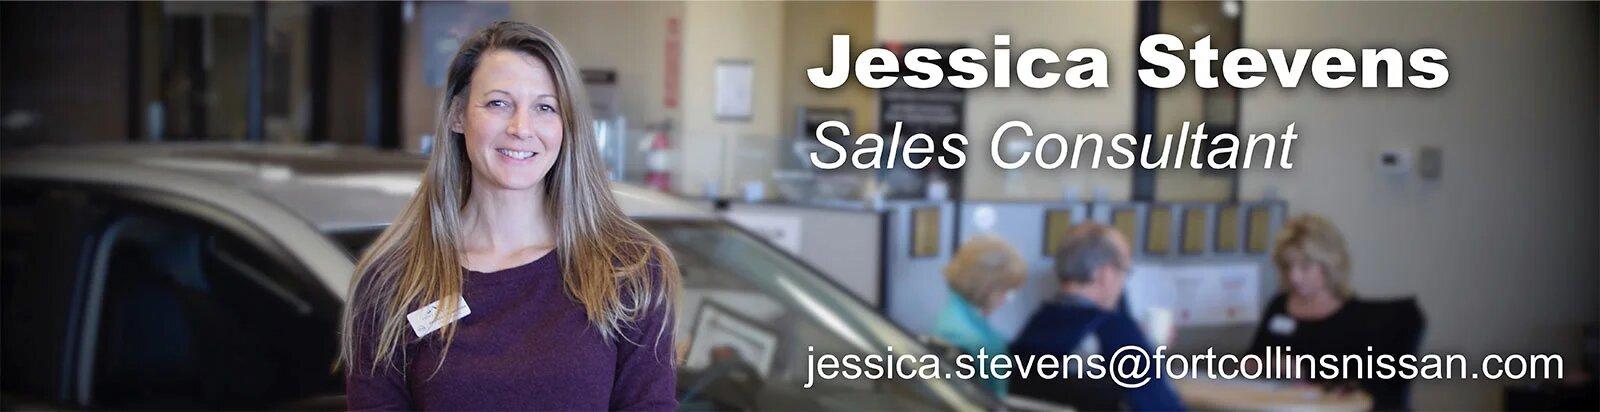 Sales Consultant Jessica Stevens